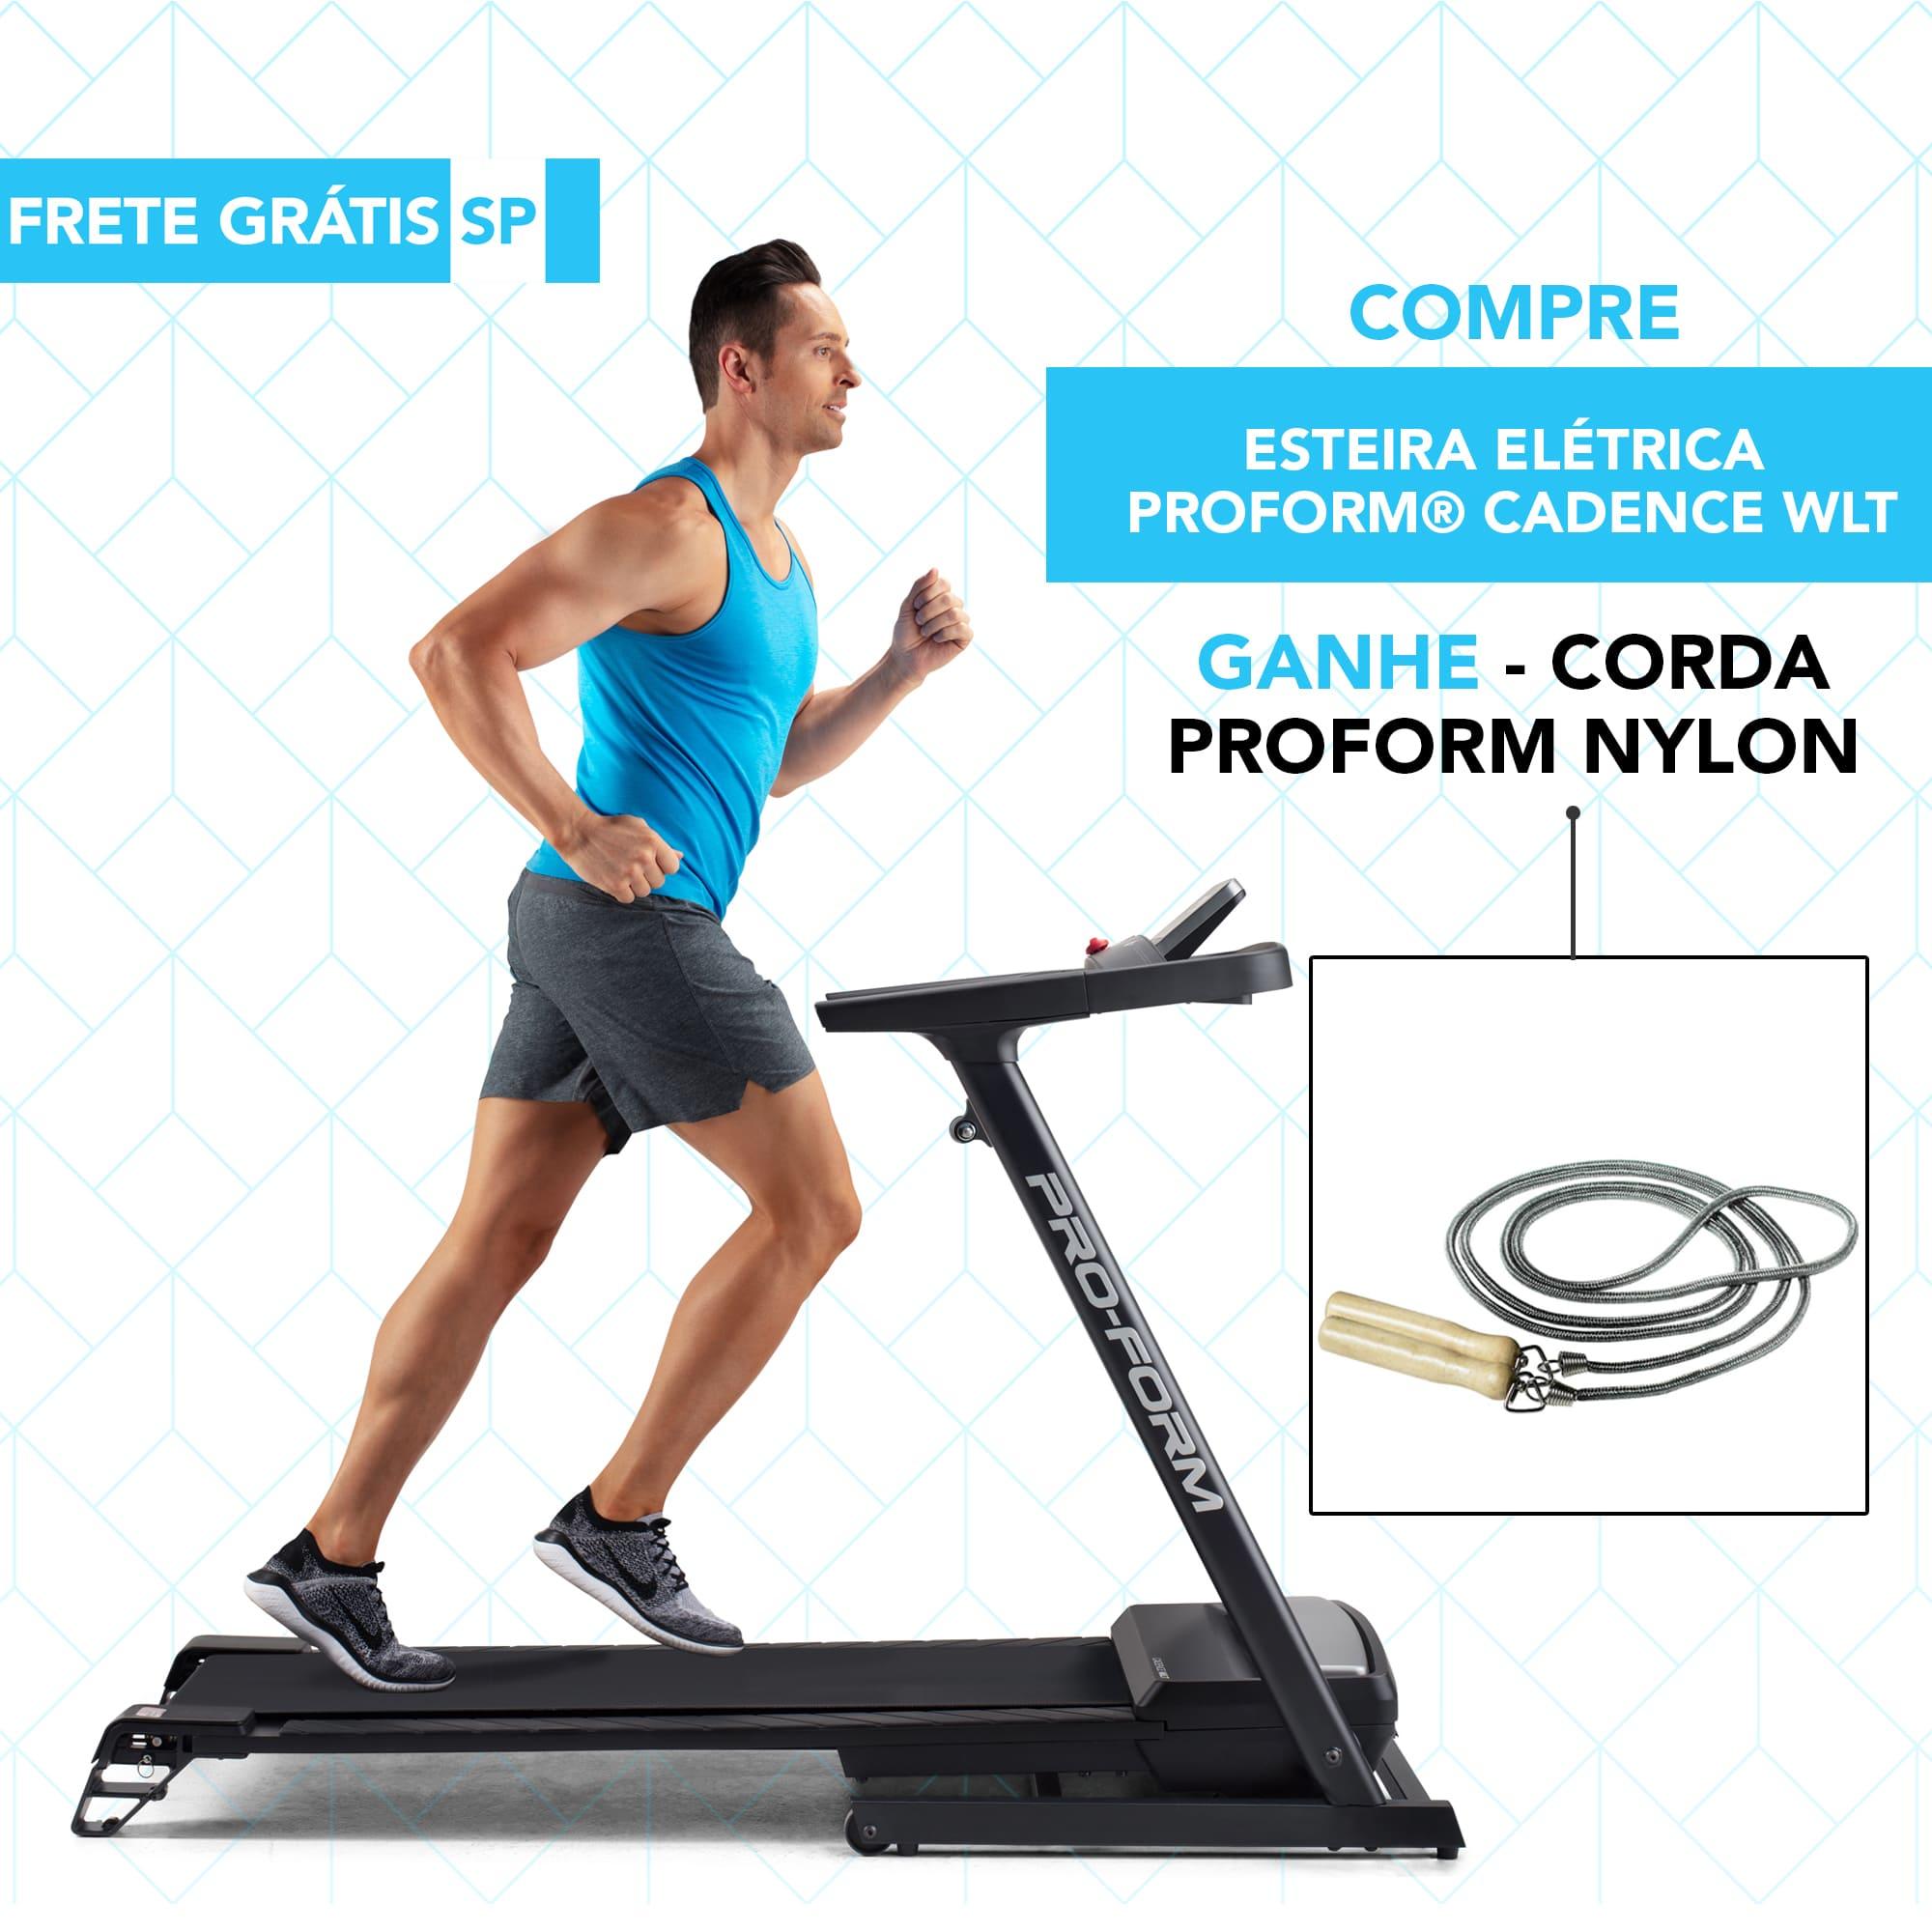 Compre Esteira Elétrica ProForm® Cadence WLT e ganhe Corda ProForm Nylon